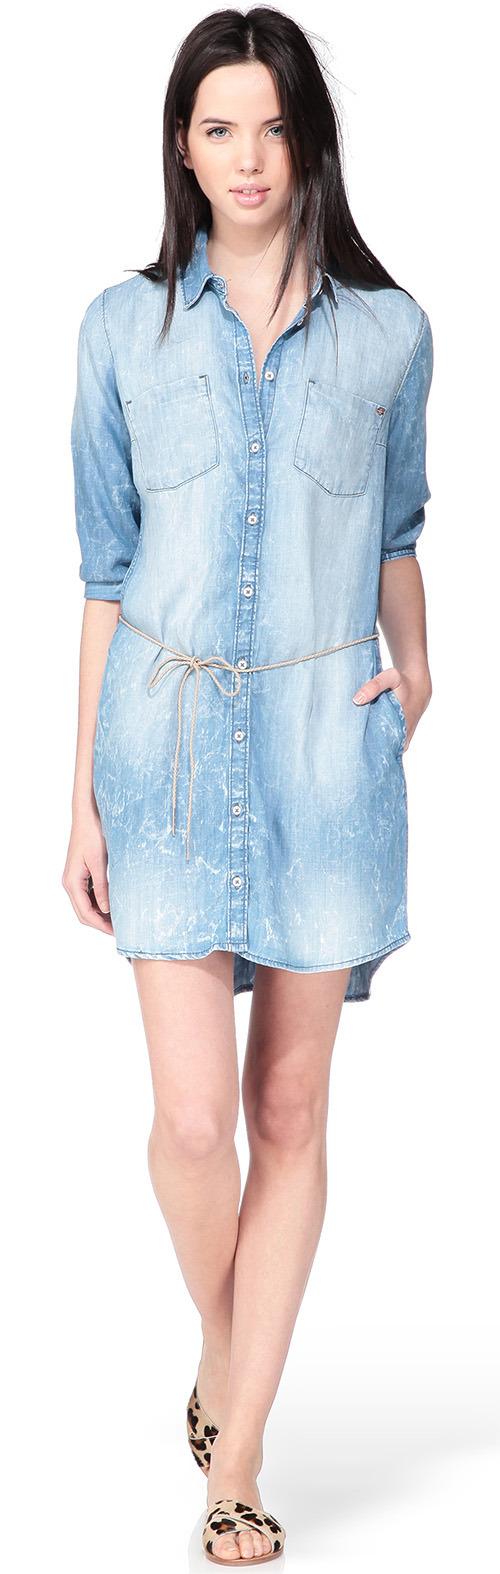 Robe chemise denim bleu Only